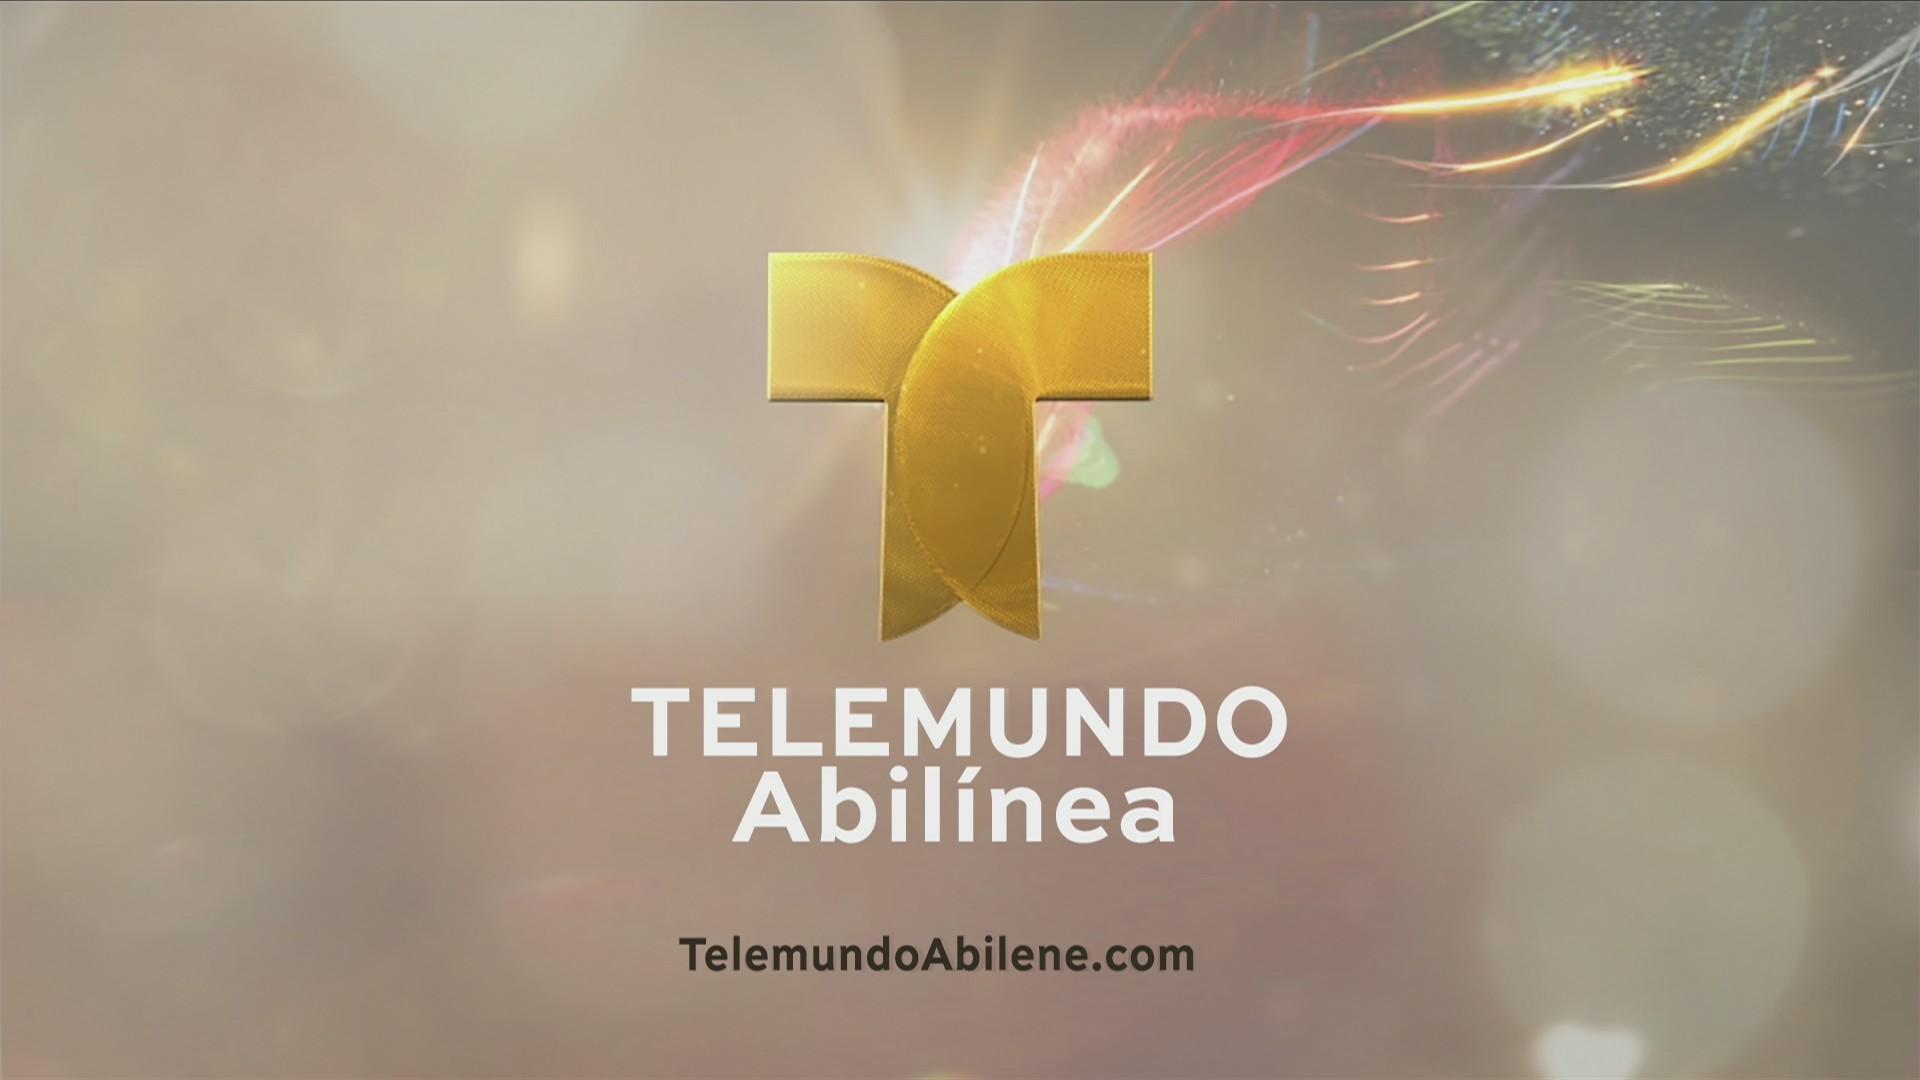 Telemundo Abilínea - 24 de enero, 2019